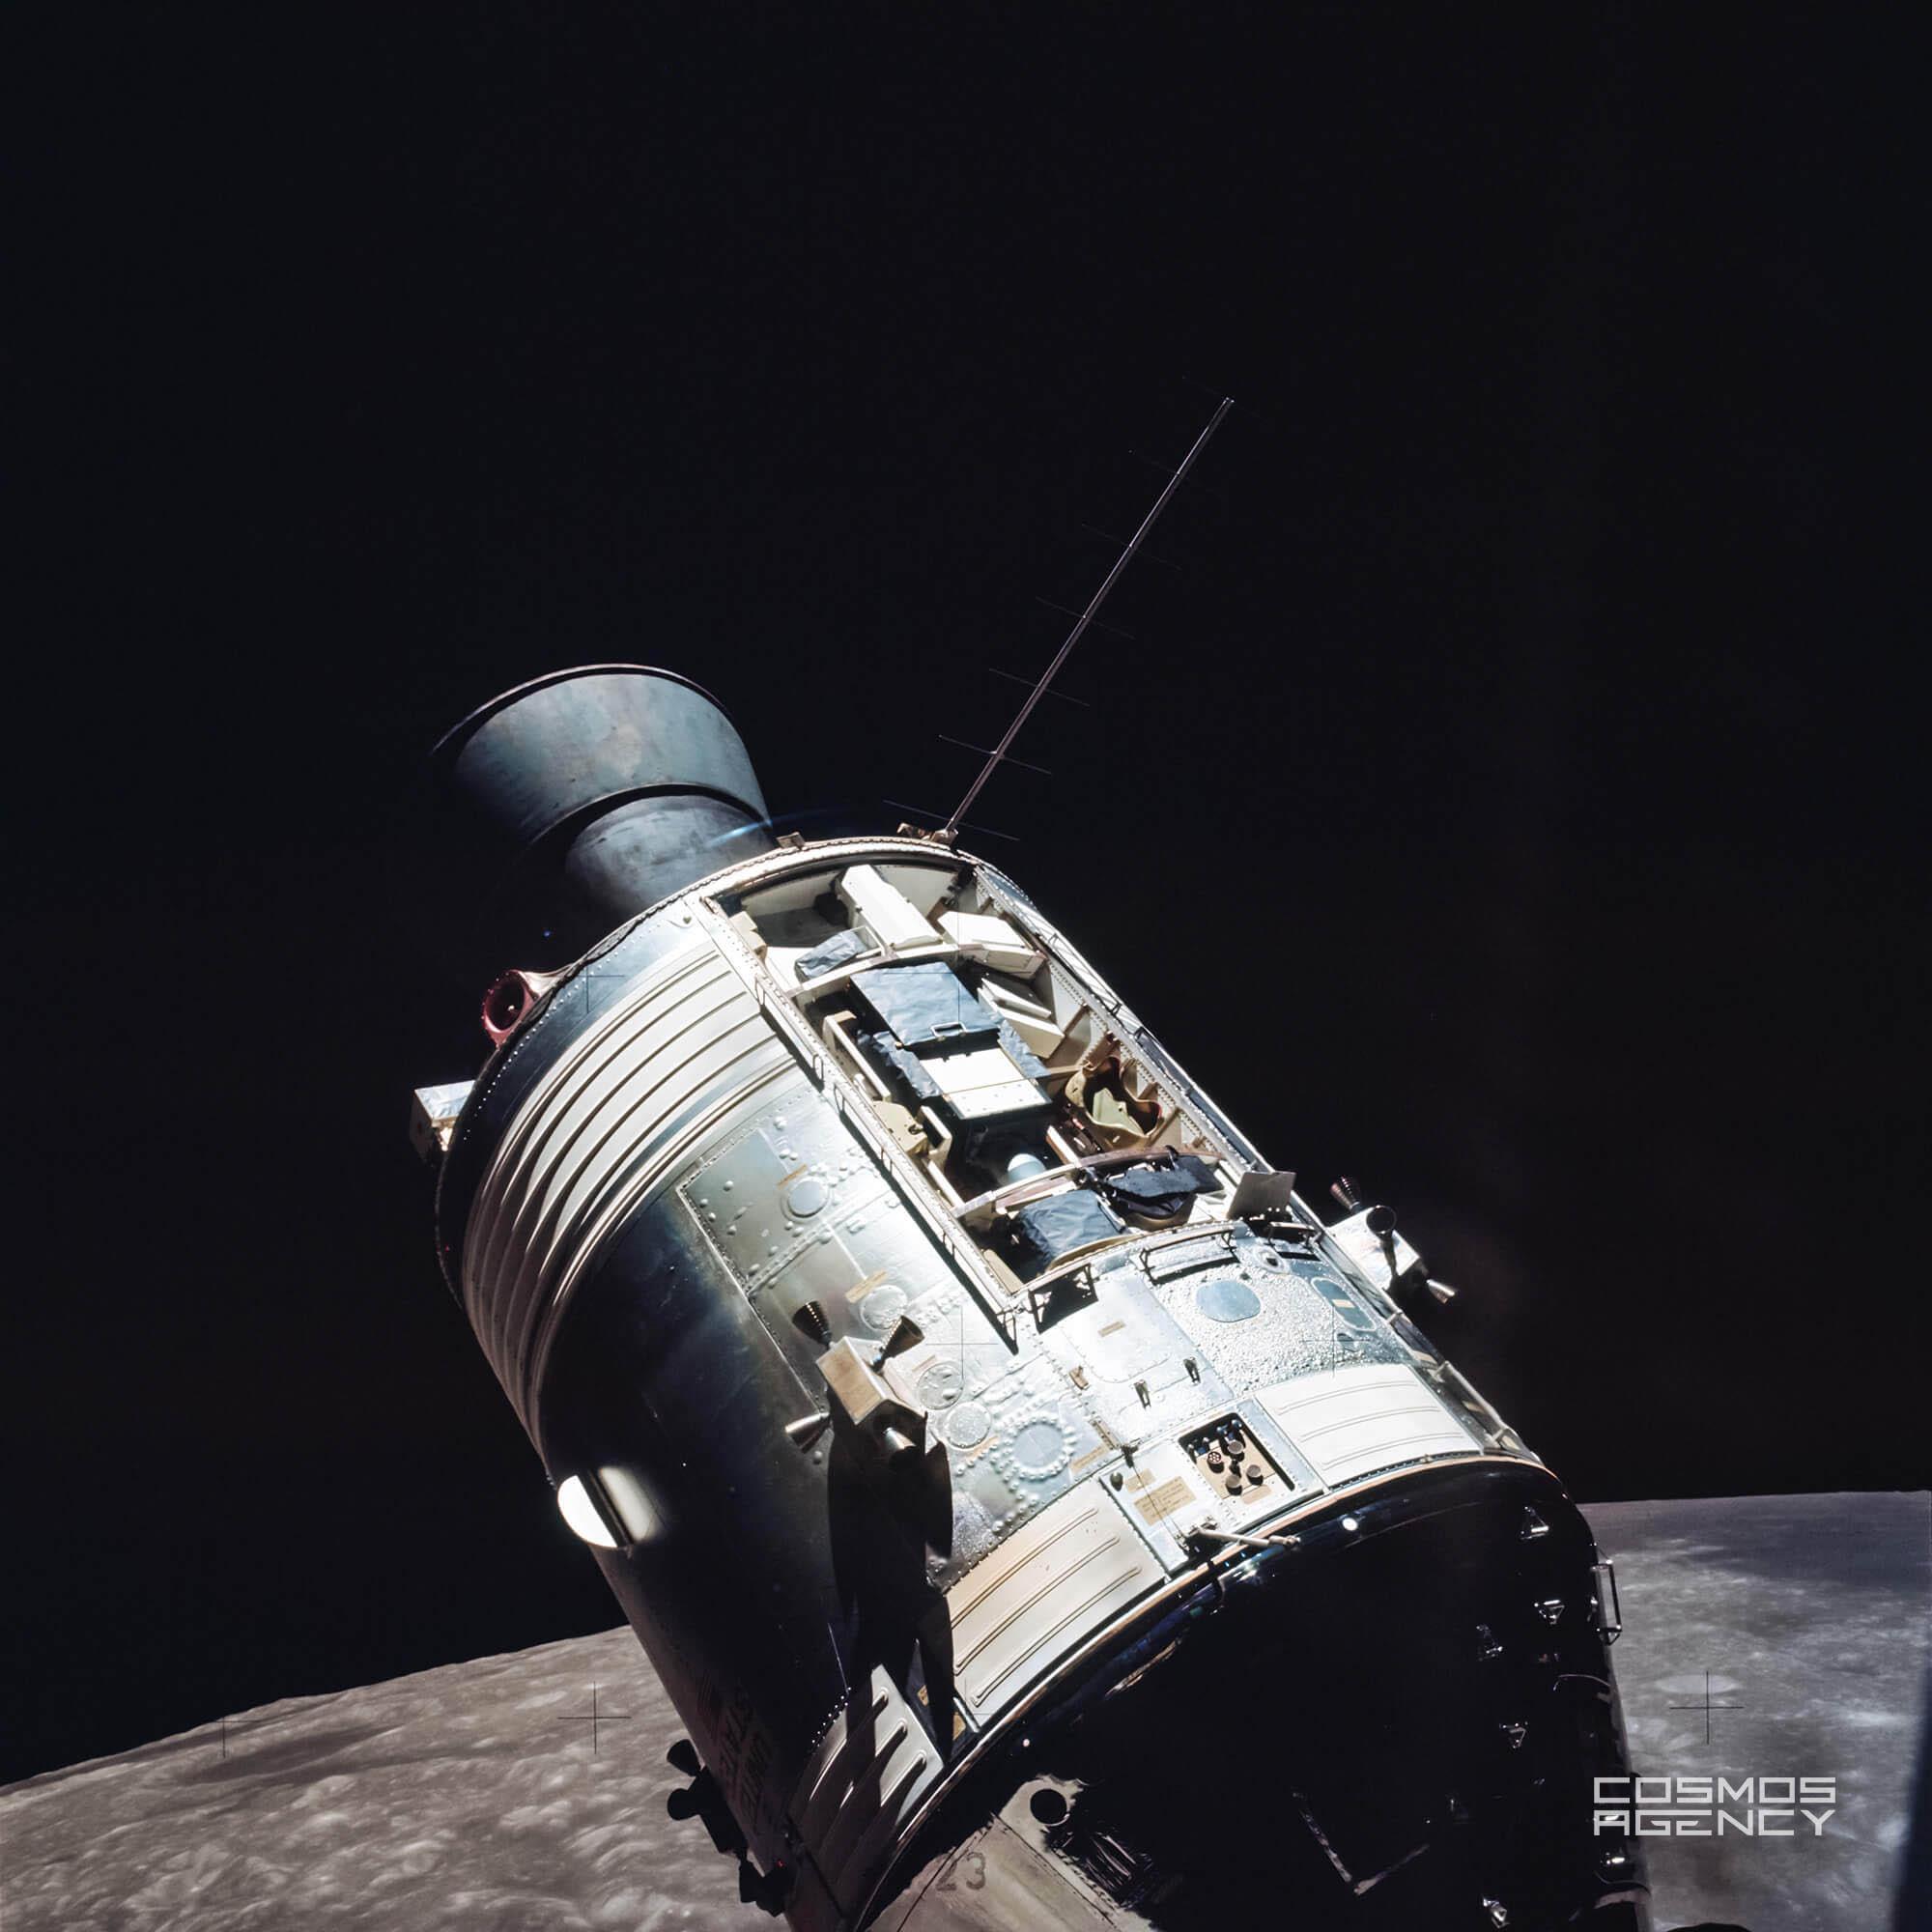 Командный/служебный отсеки космического корабля Аполлон во врея рандеву, Аполлон 17, 1972